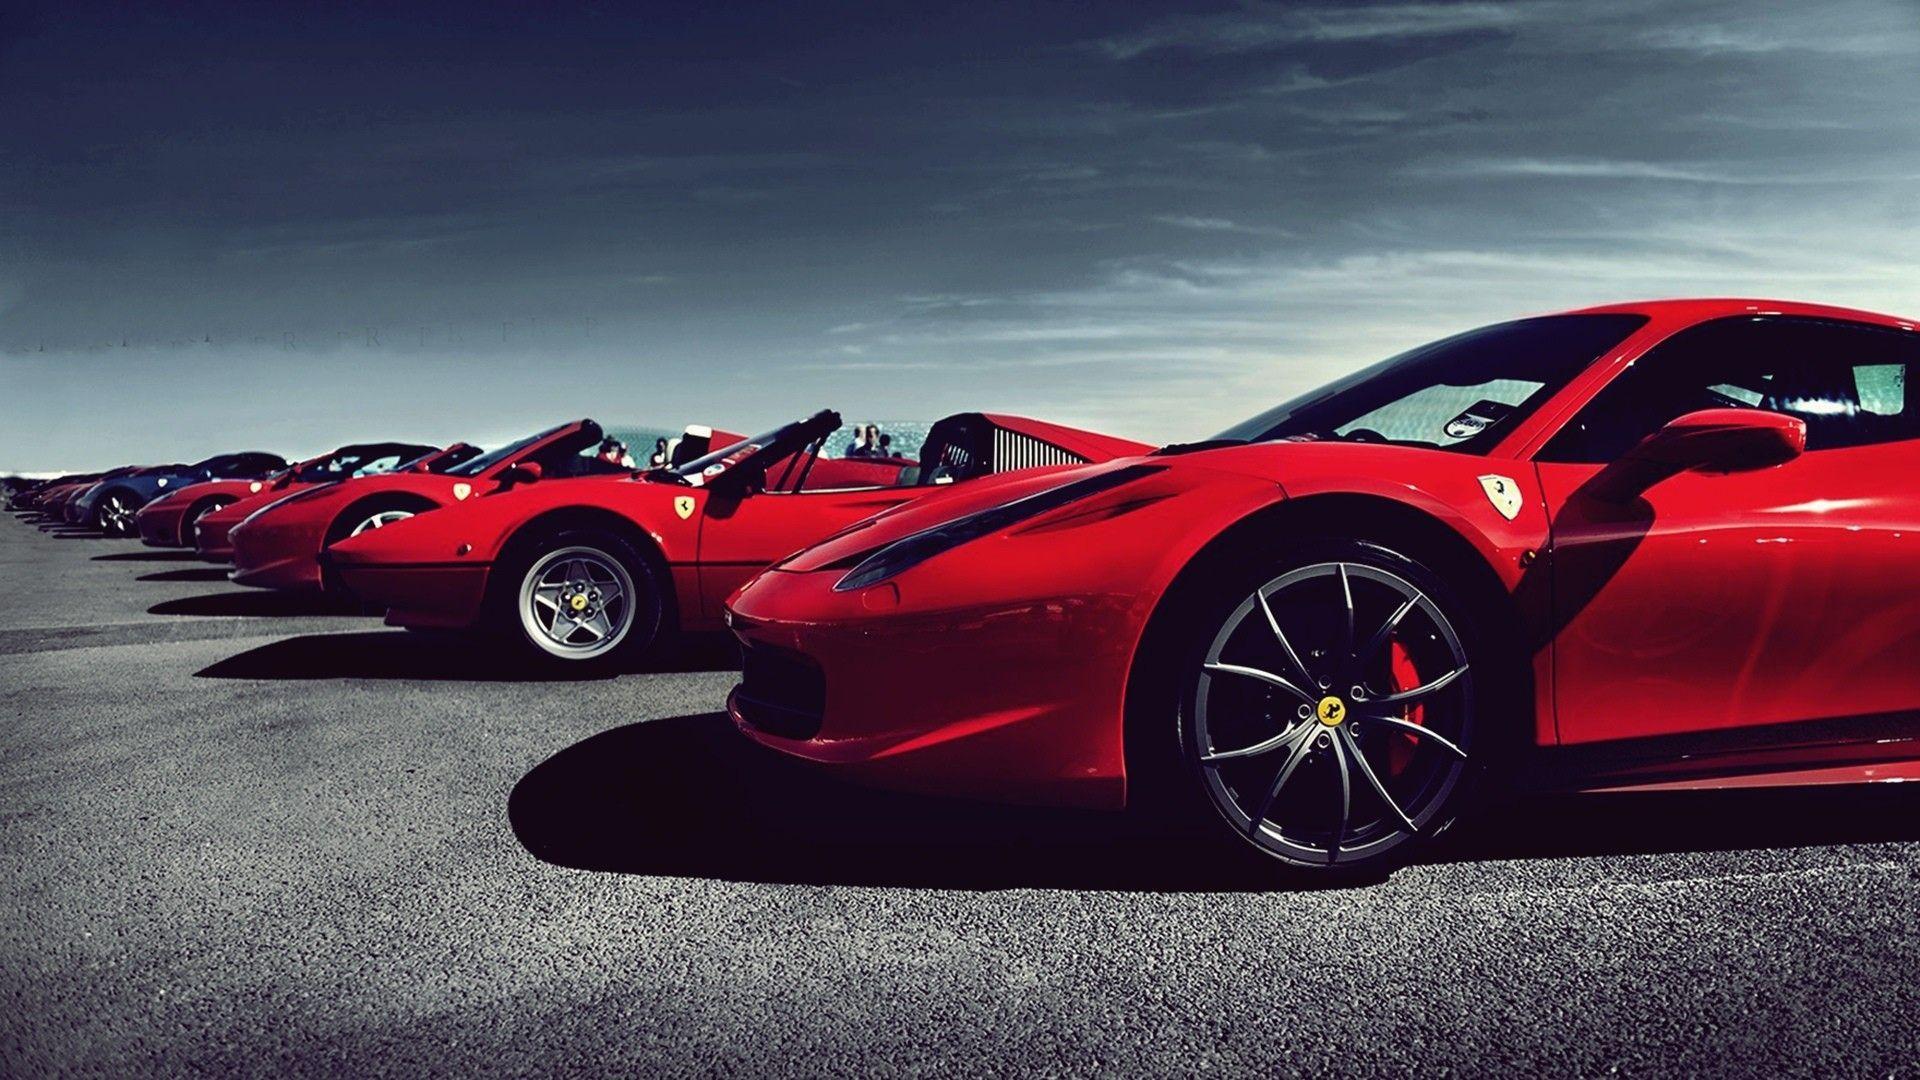 Ferrari Wallpapers - Wallpaper Cave